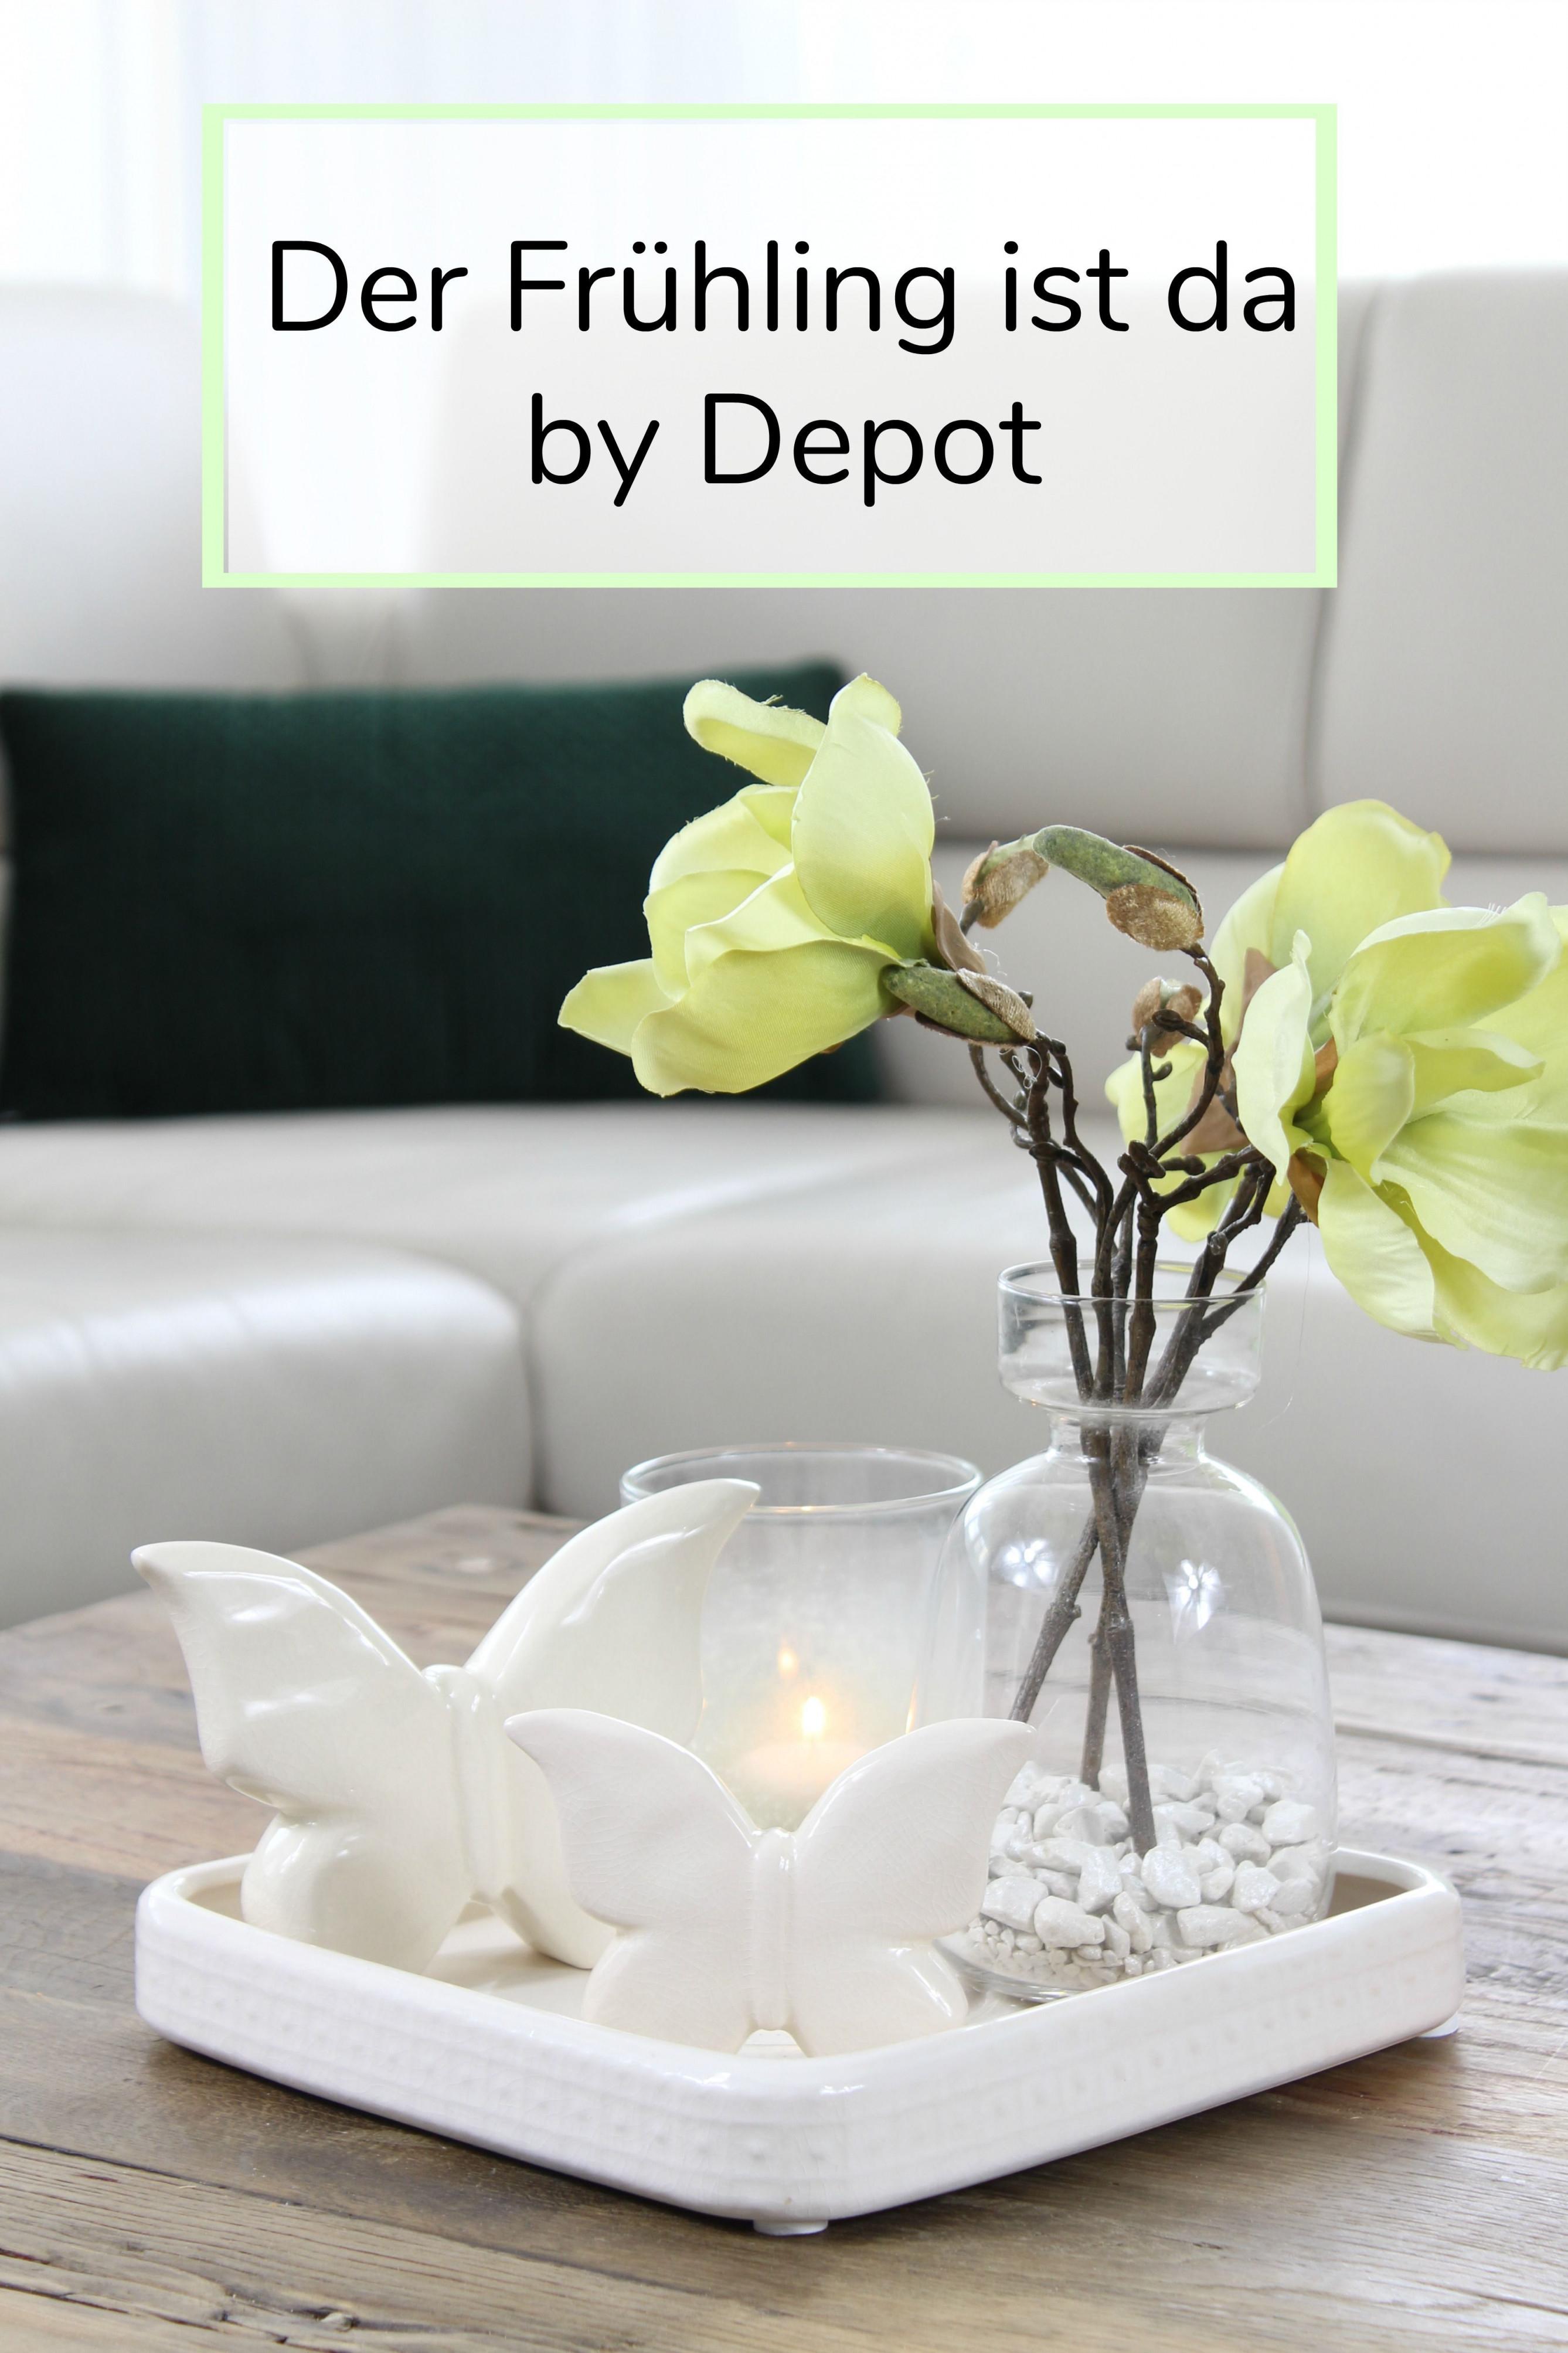 Der Frühling Ist Dadepot In 2020  Deko Für Wohnzimmer von Depot Deko Ideen Wohnzimmer Bild